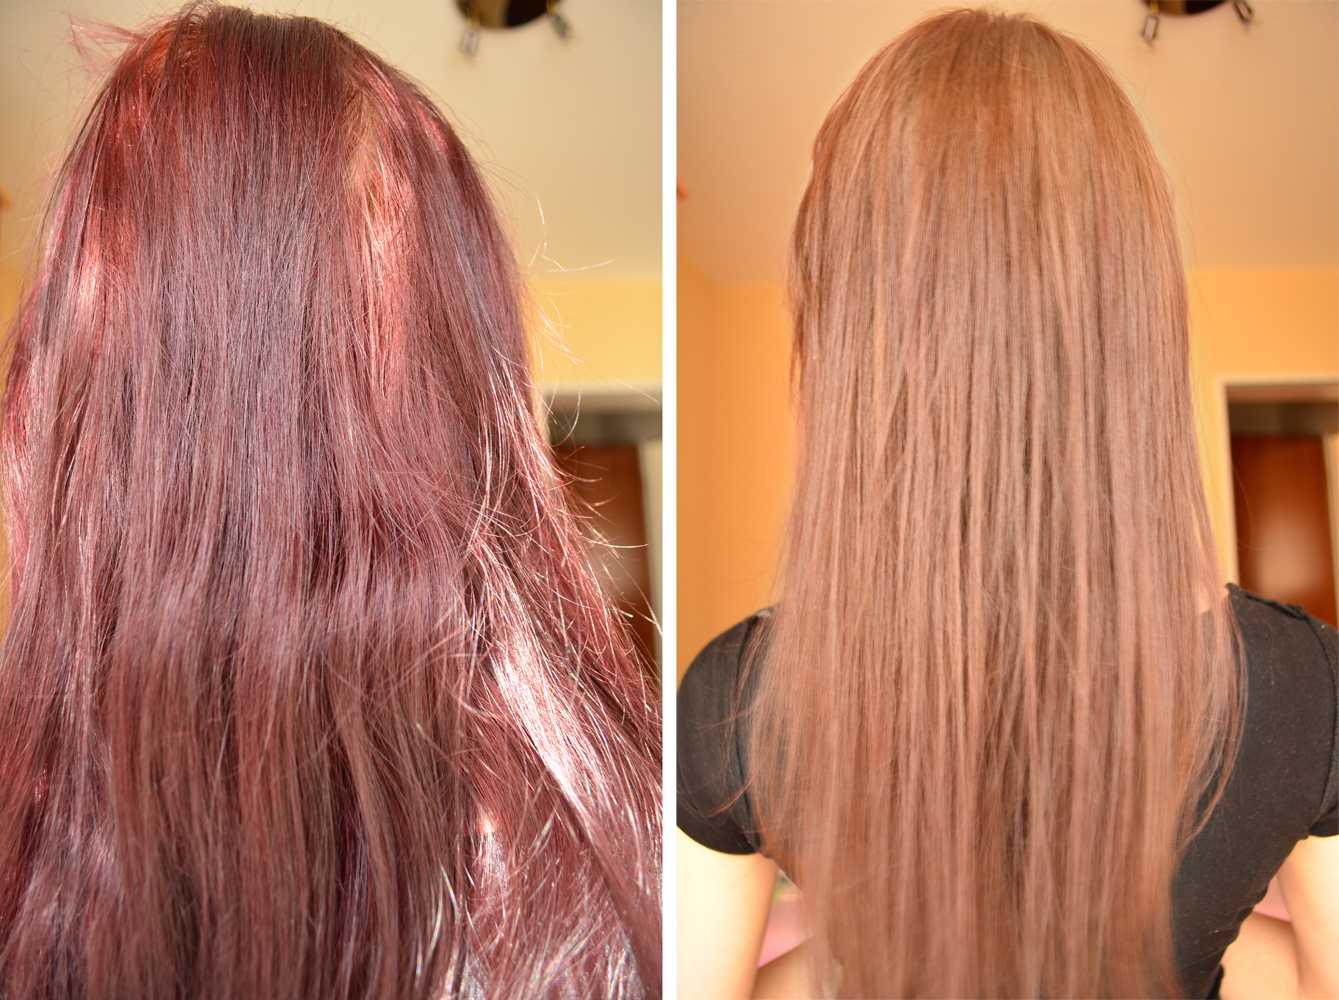 Как убрать рыжину с волос после окрашивания: 5 способов от стилистов